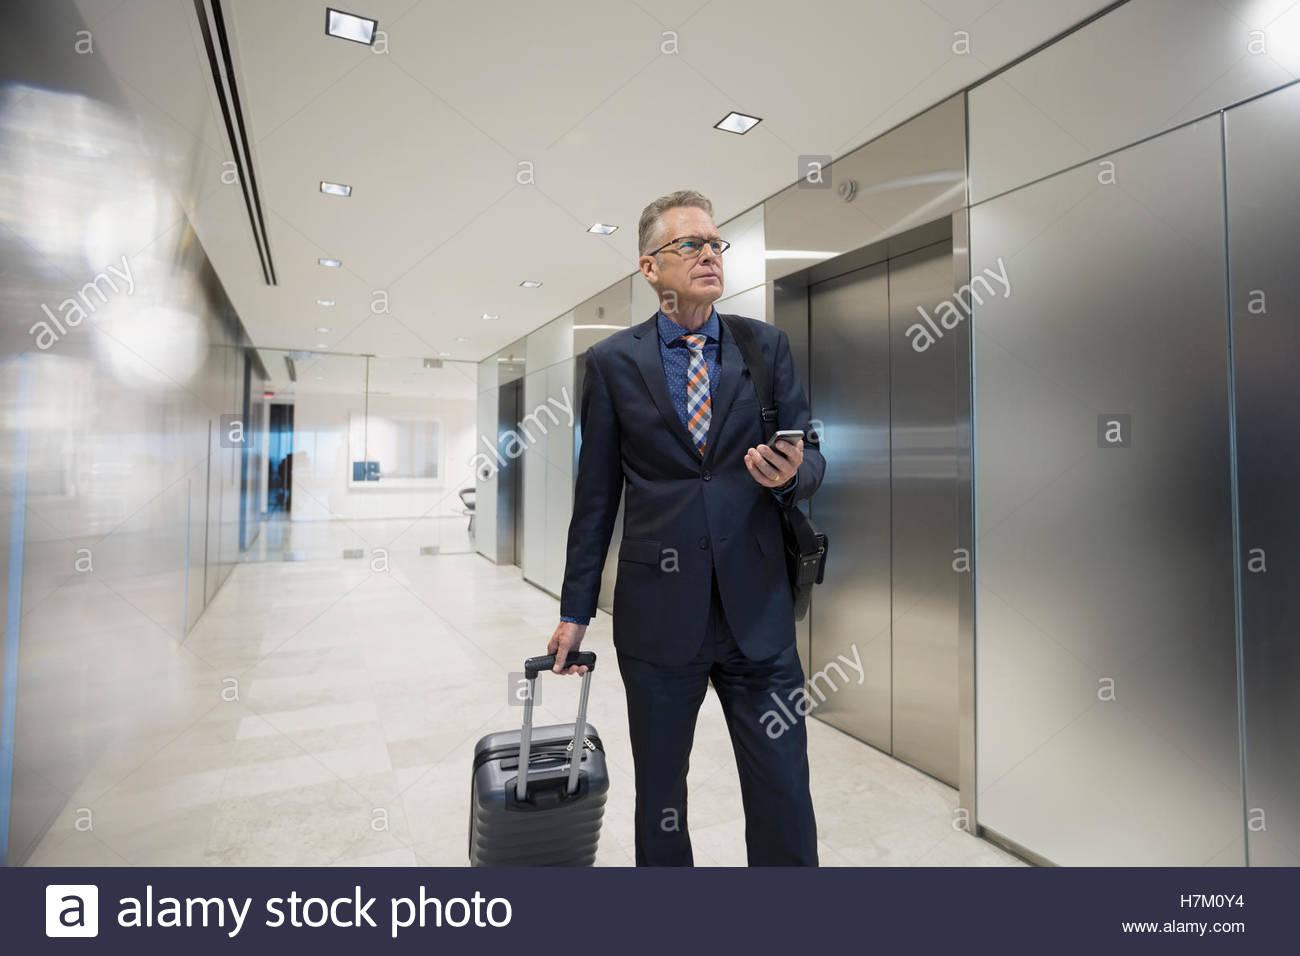 Imprenditore con telefono cellulare tirando il bagaglio passato ascensori nel corridoio di airport Immagini Stock